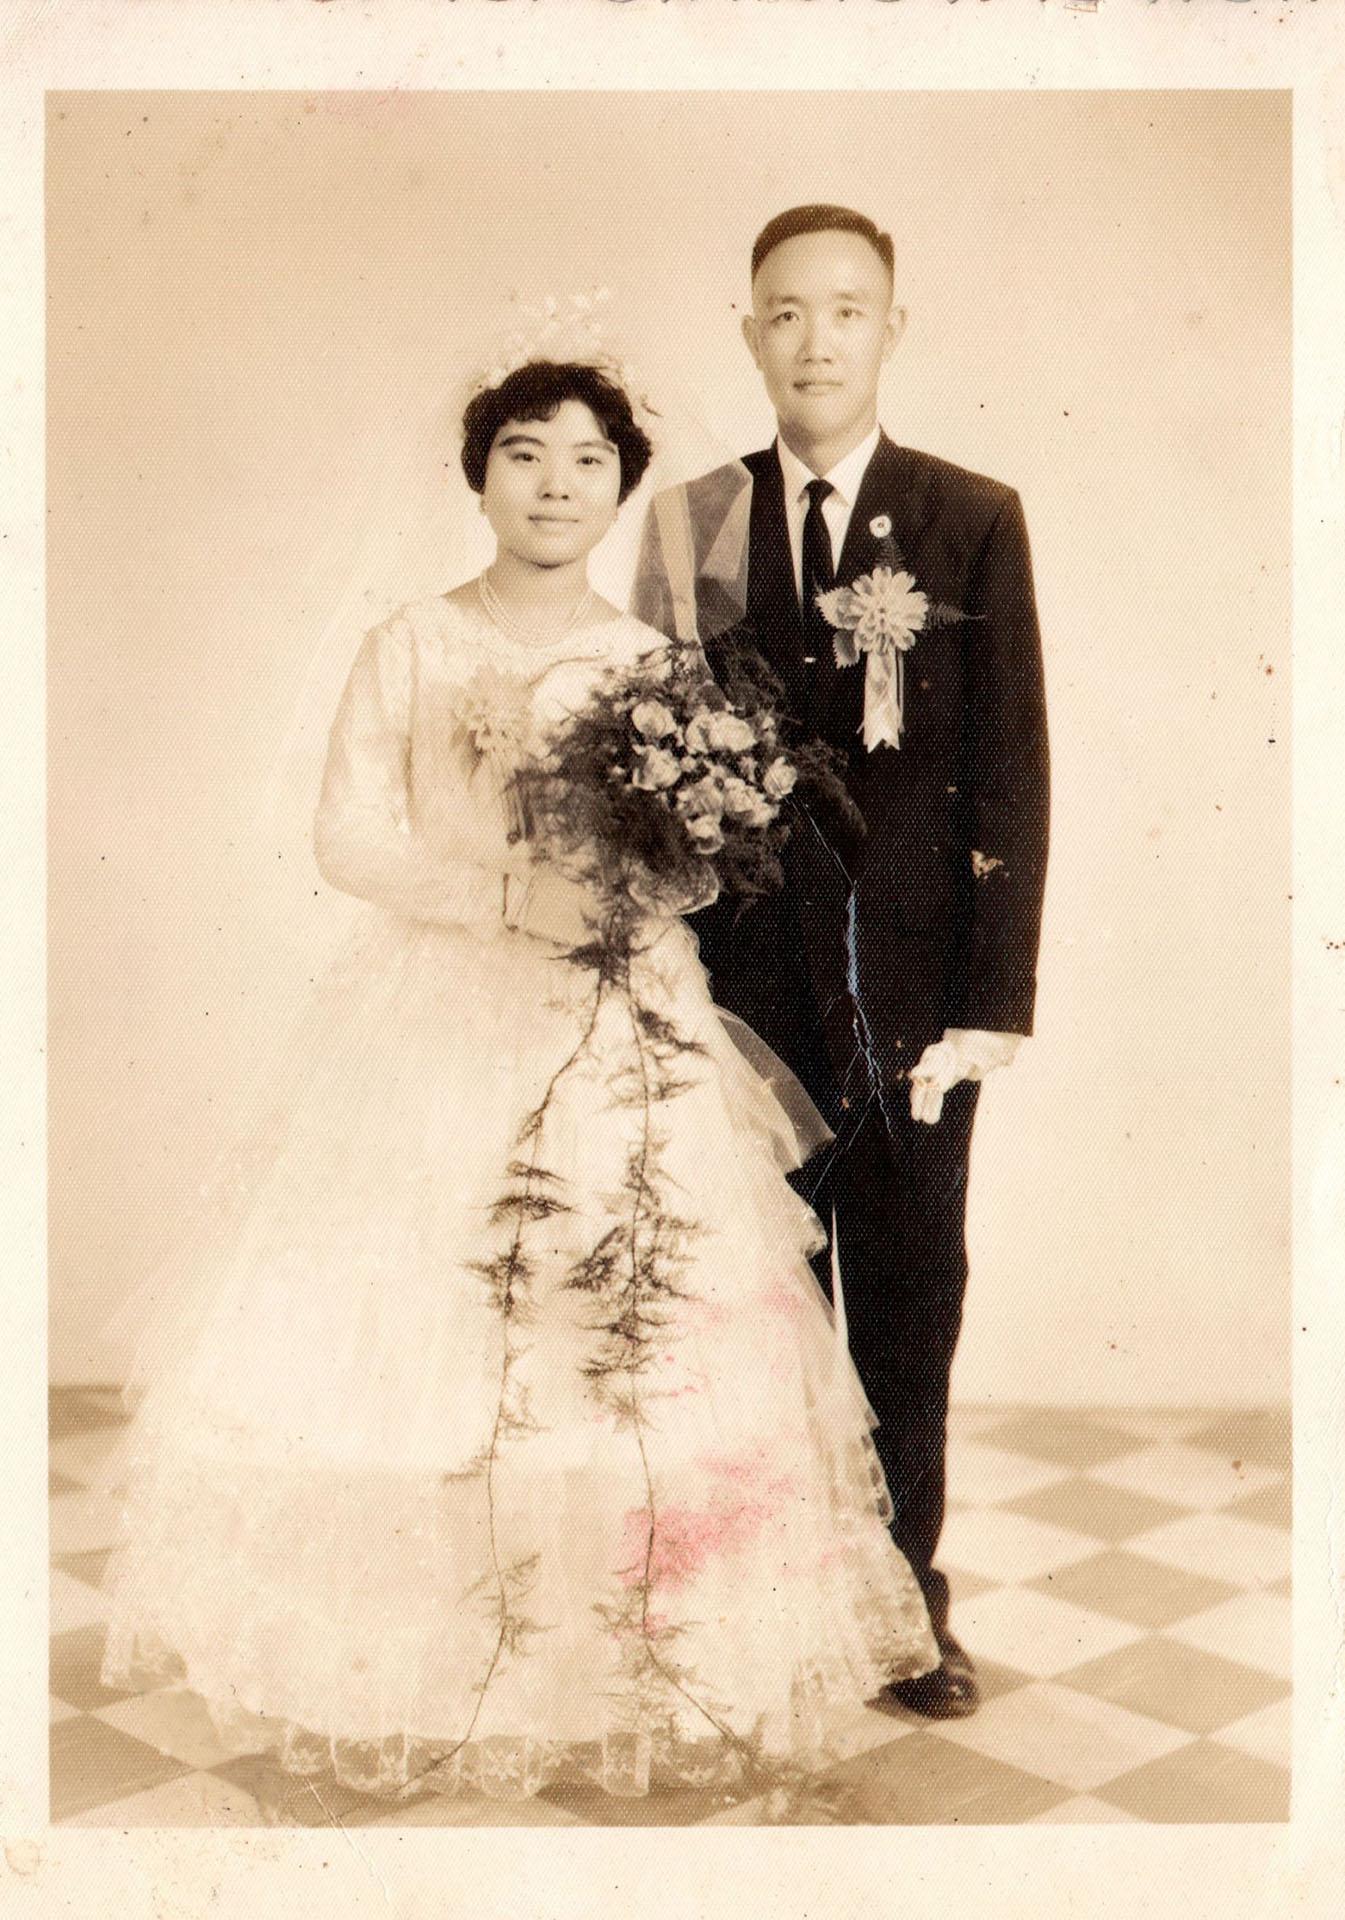 陸光三村周有道婚紗照